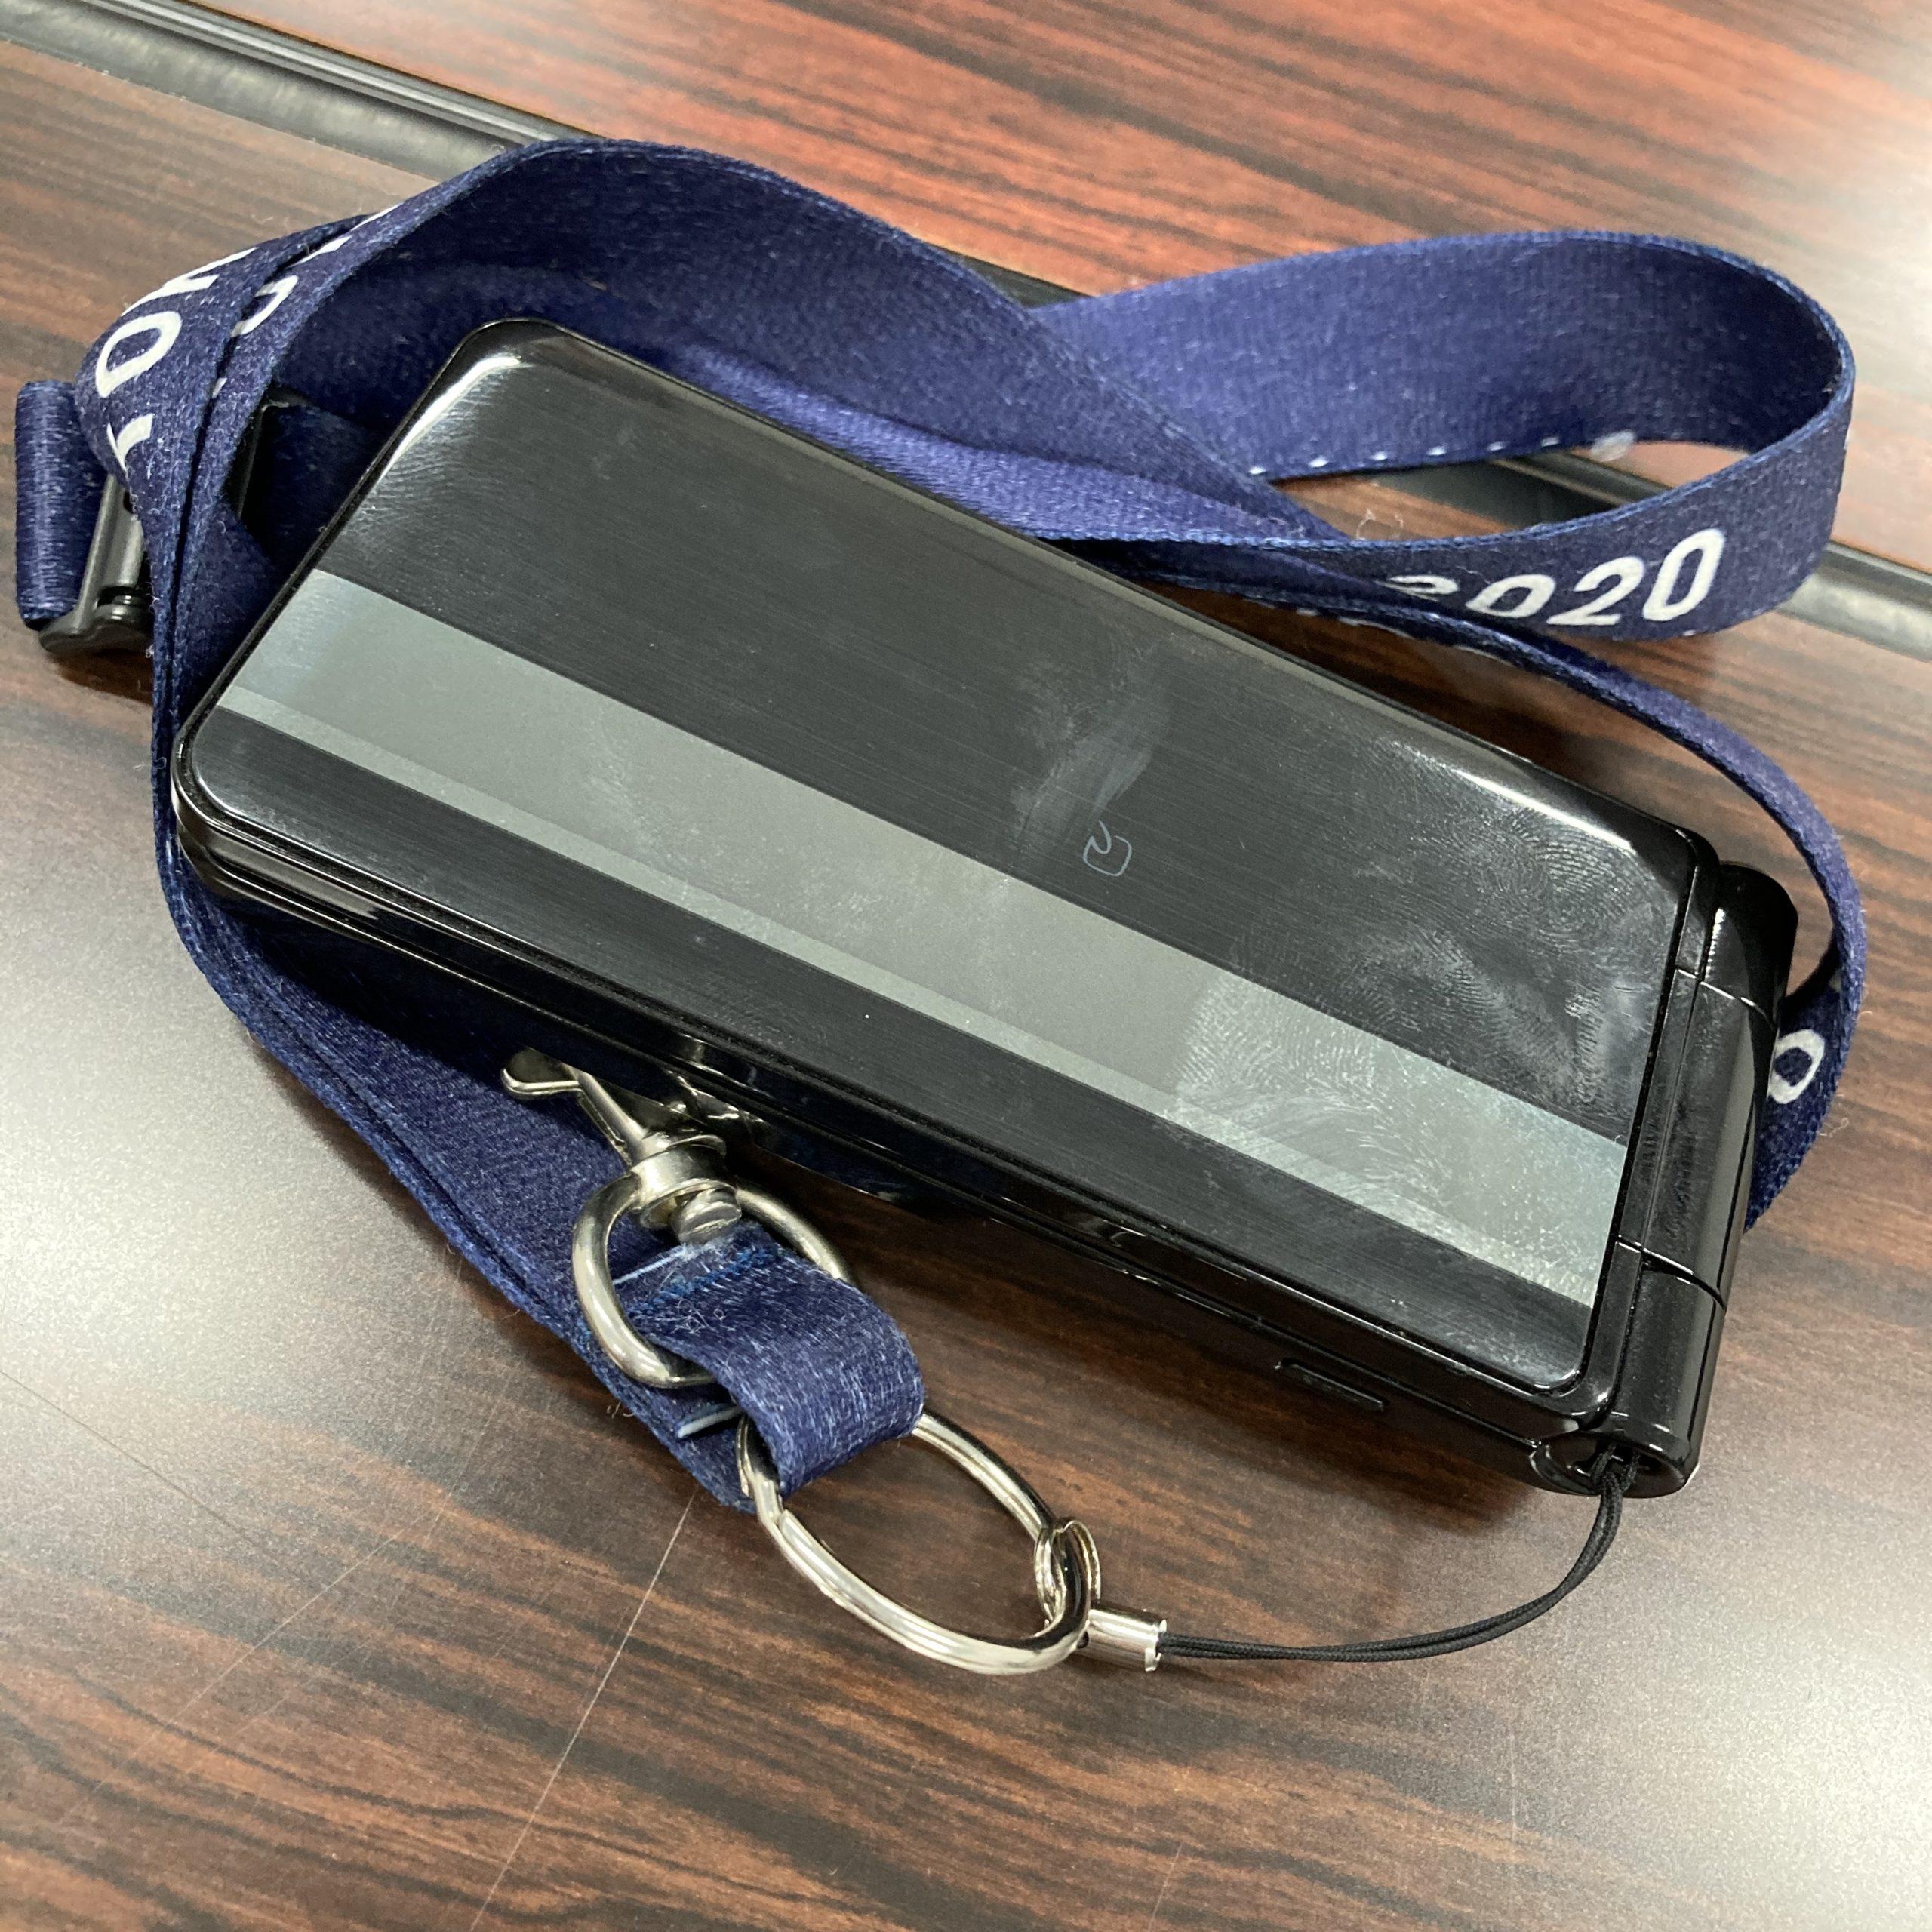 内閣府の防災携帯もインフルエンサーが取材